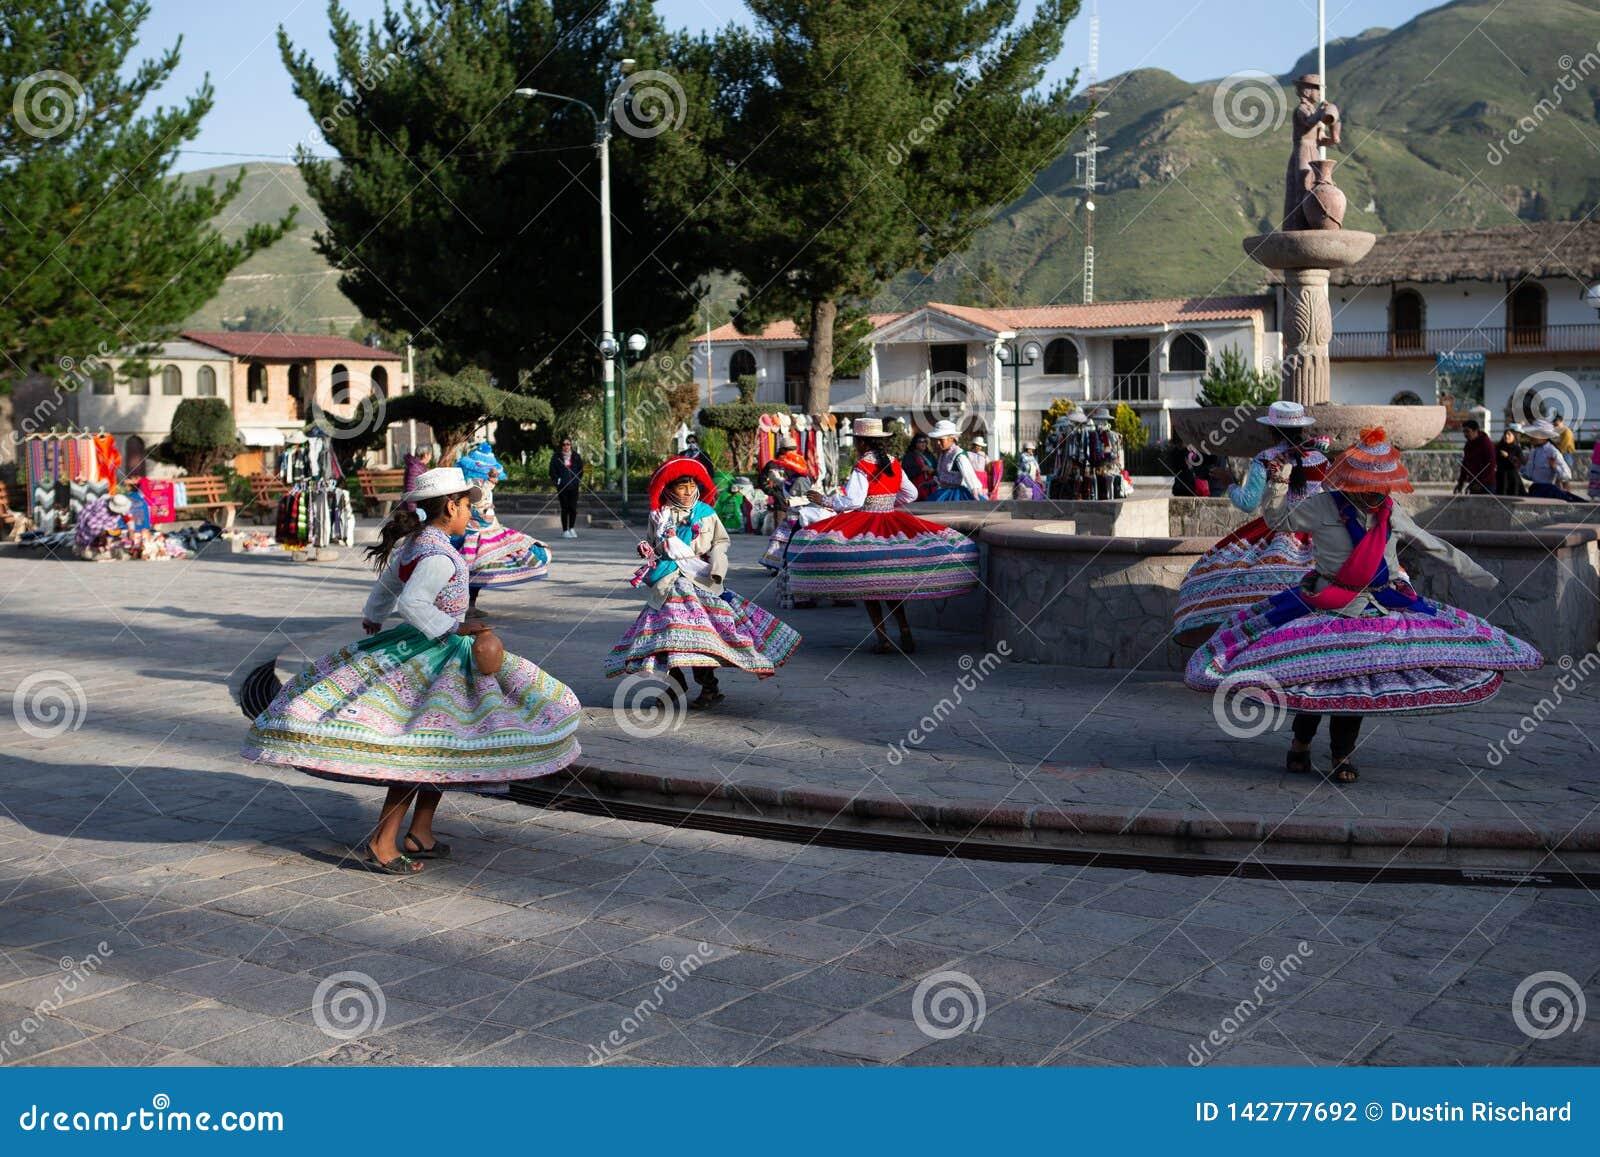 Παραδοσιακός χορός των νέων περουβιανών κοριτσιών σε Yanque, Arequia, Περού στο 21$ο του Μαρτίου του 2019